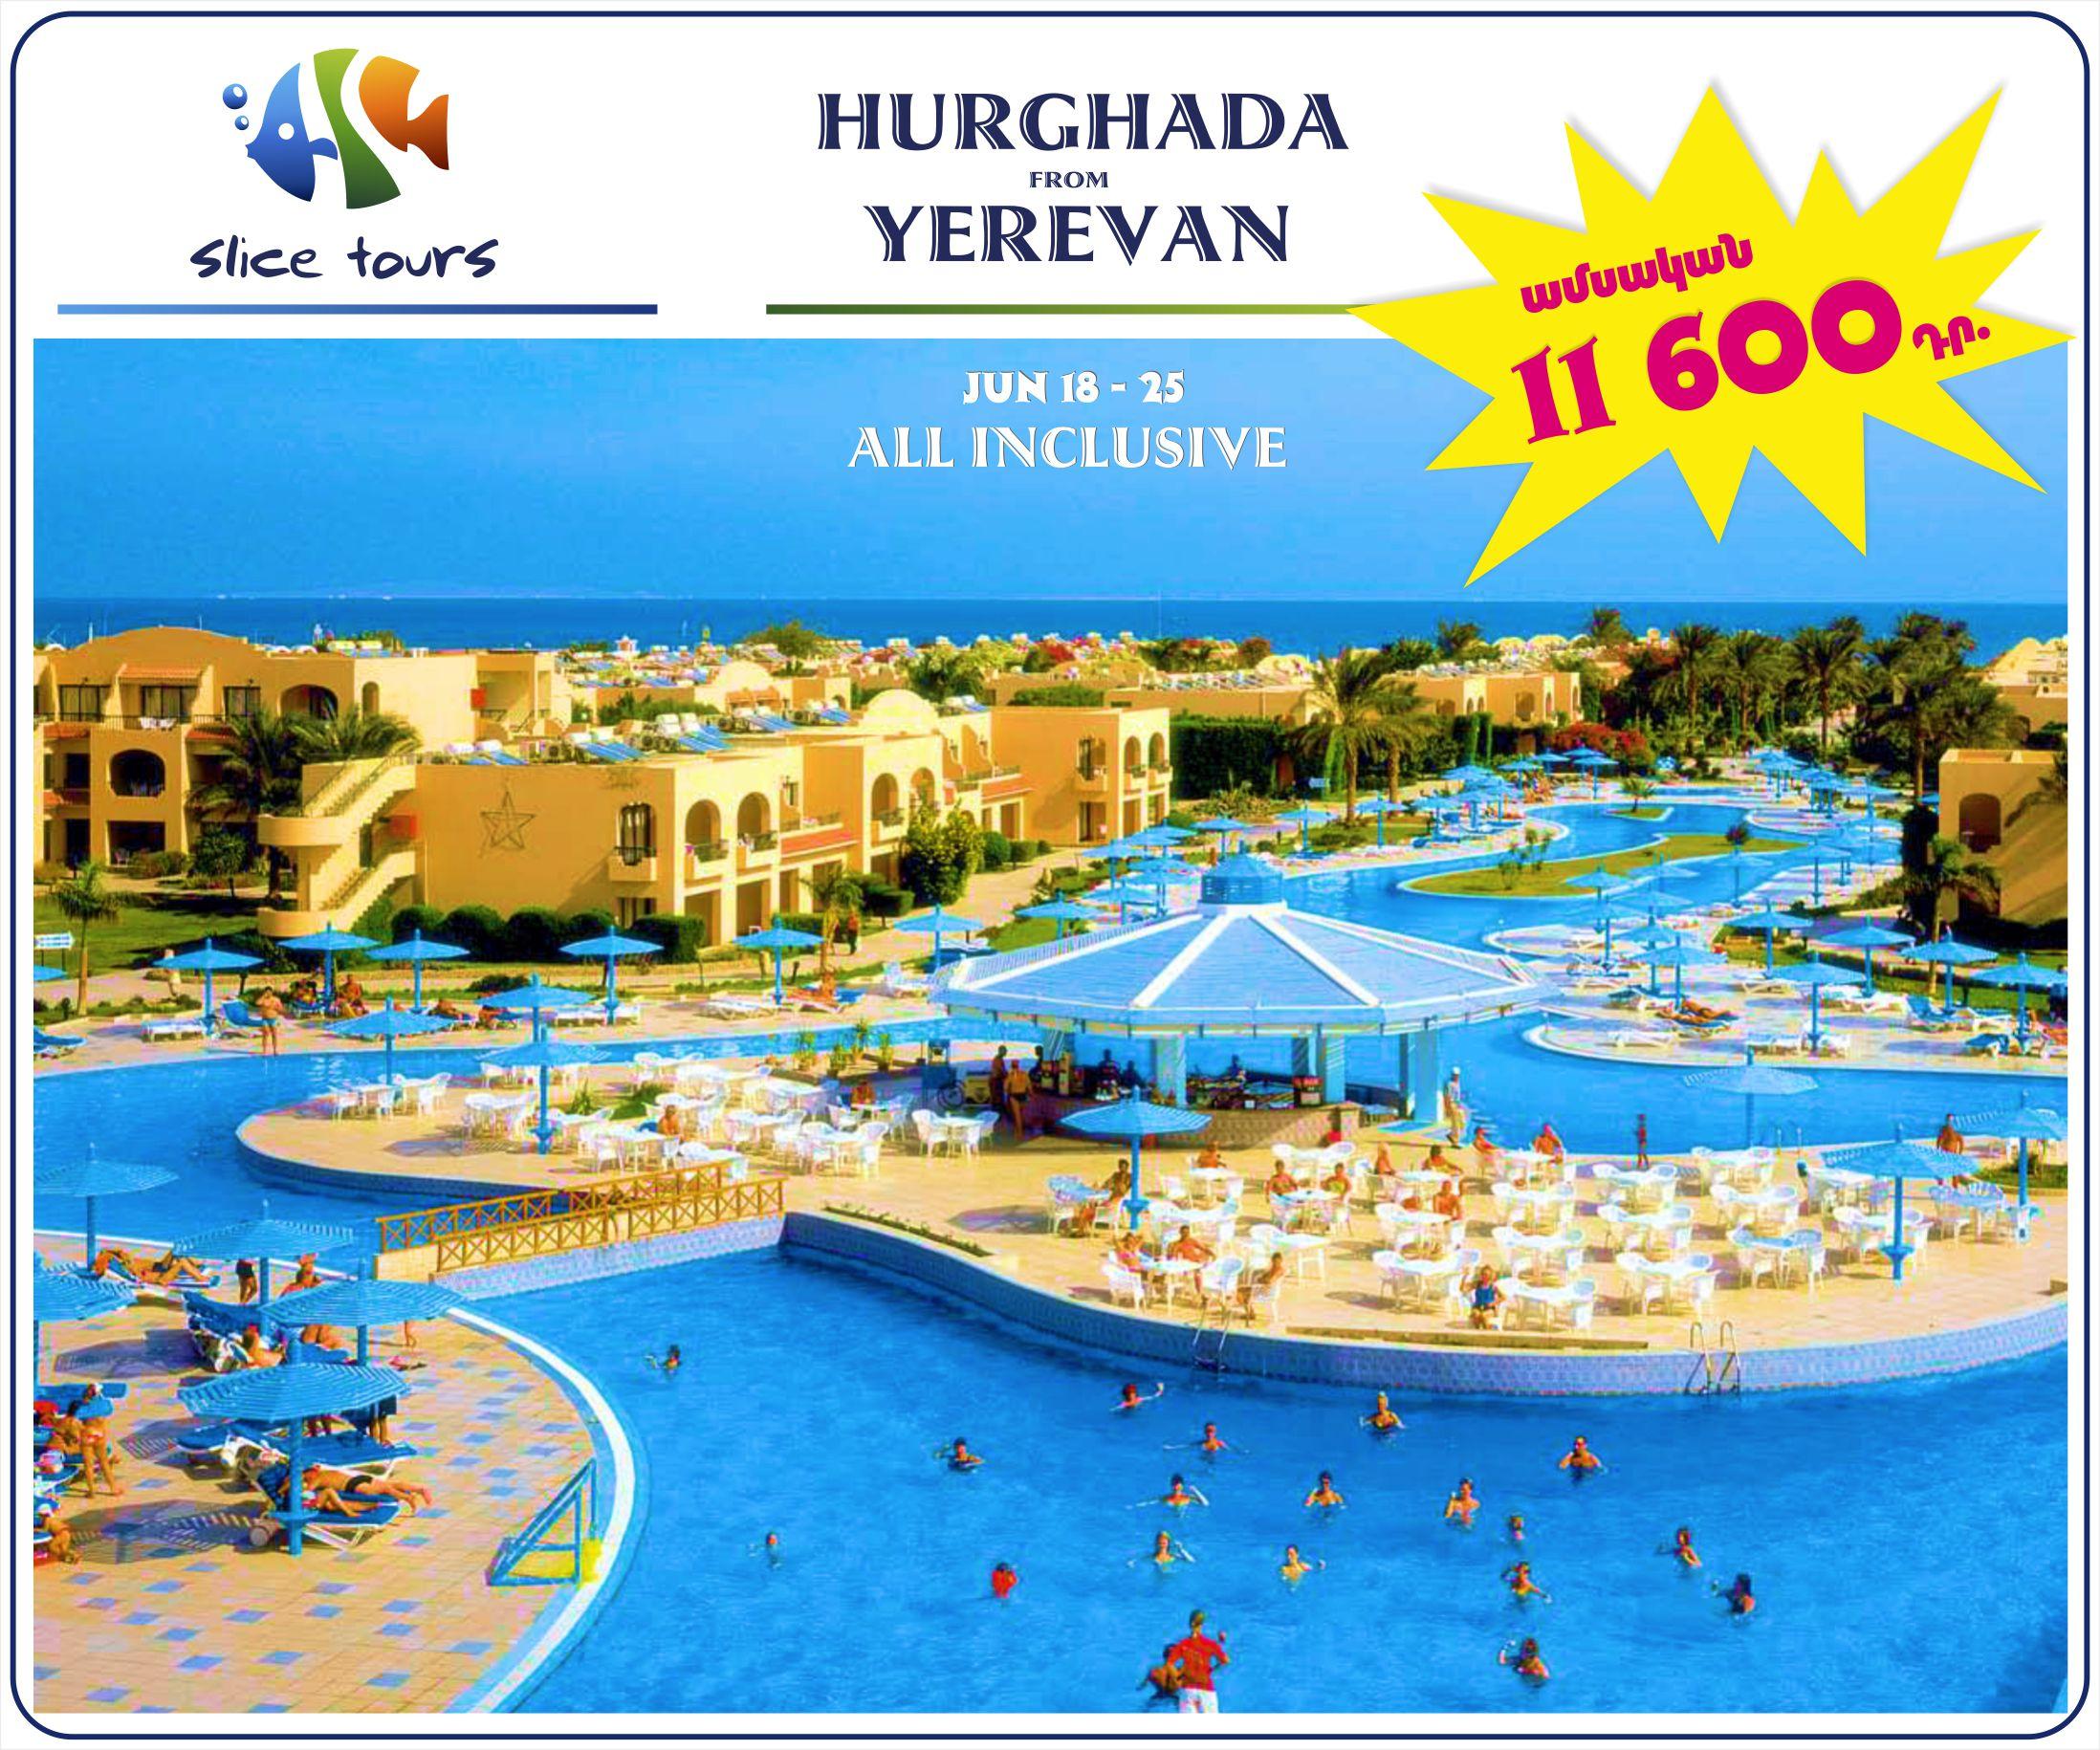 Hurghada 11600